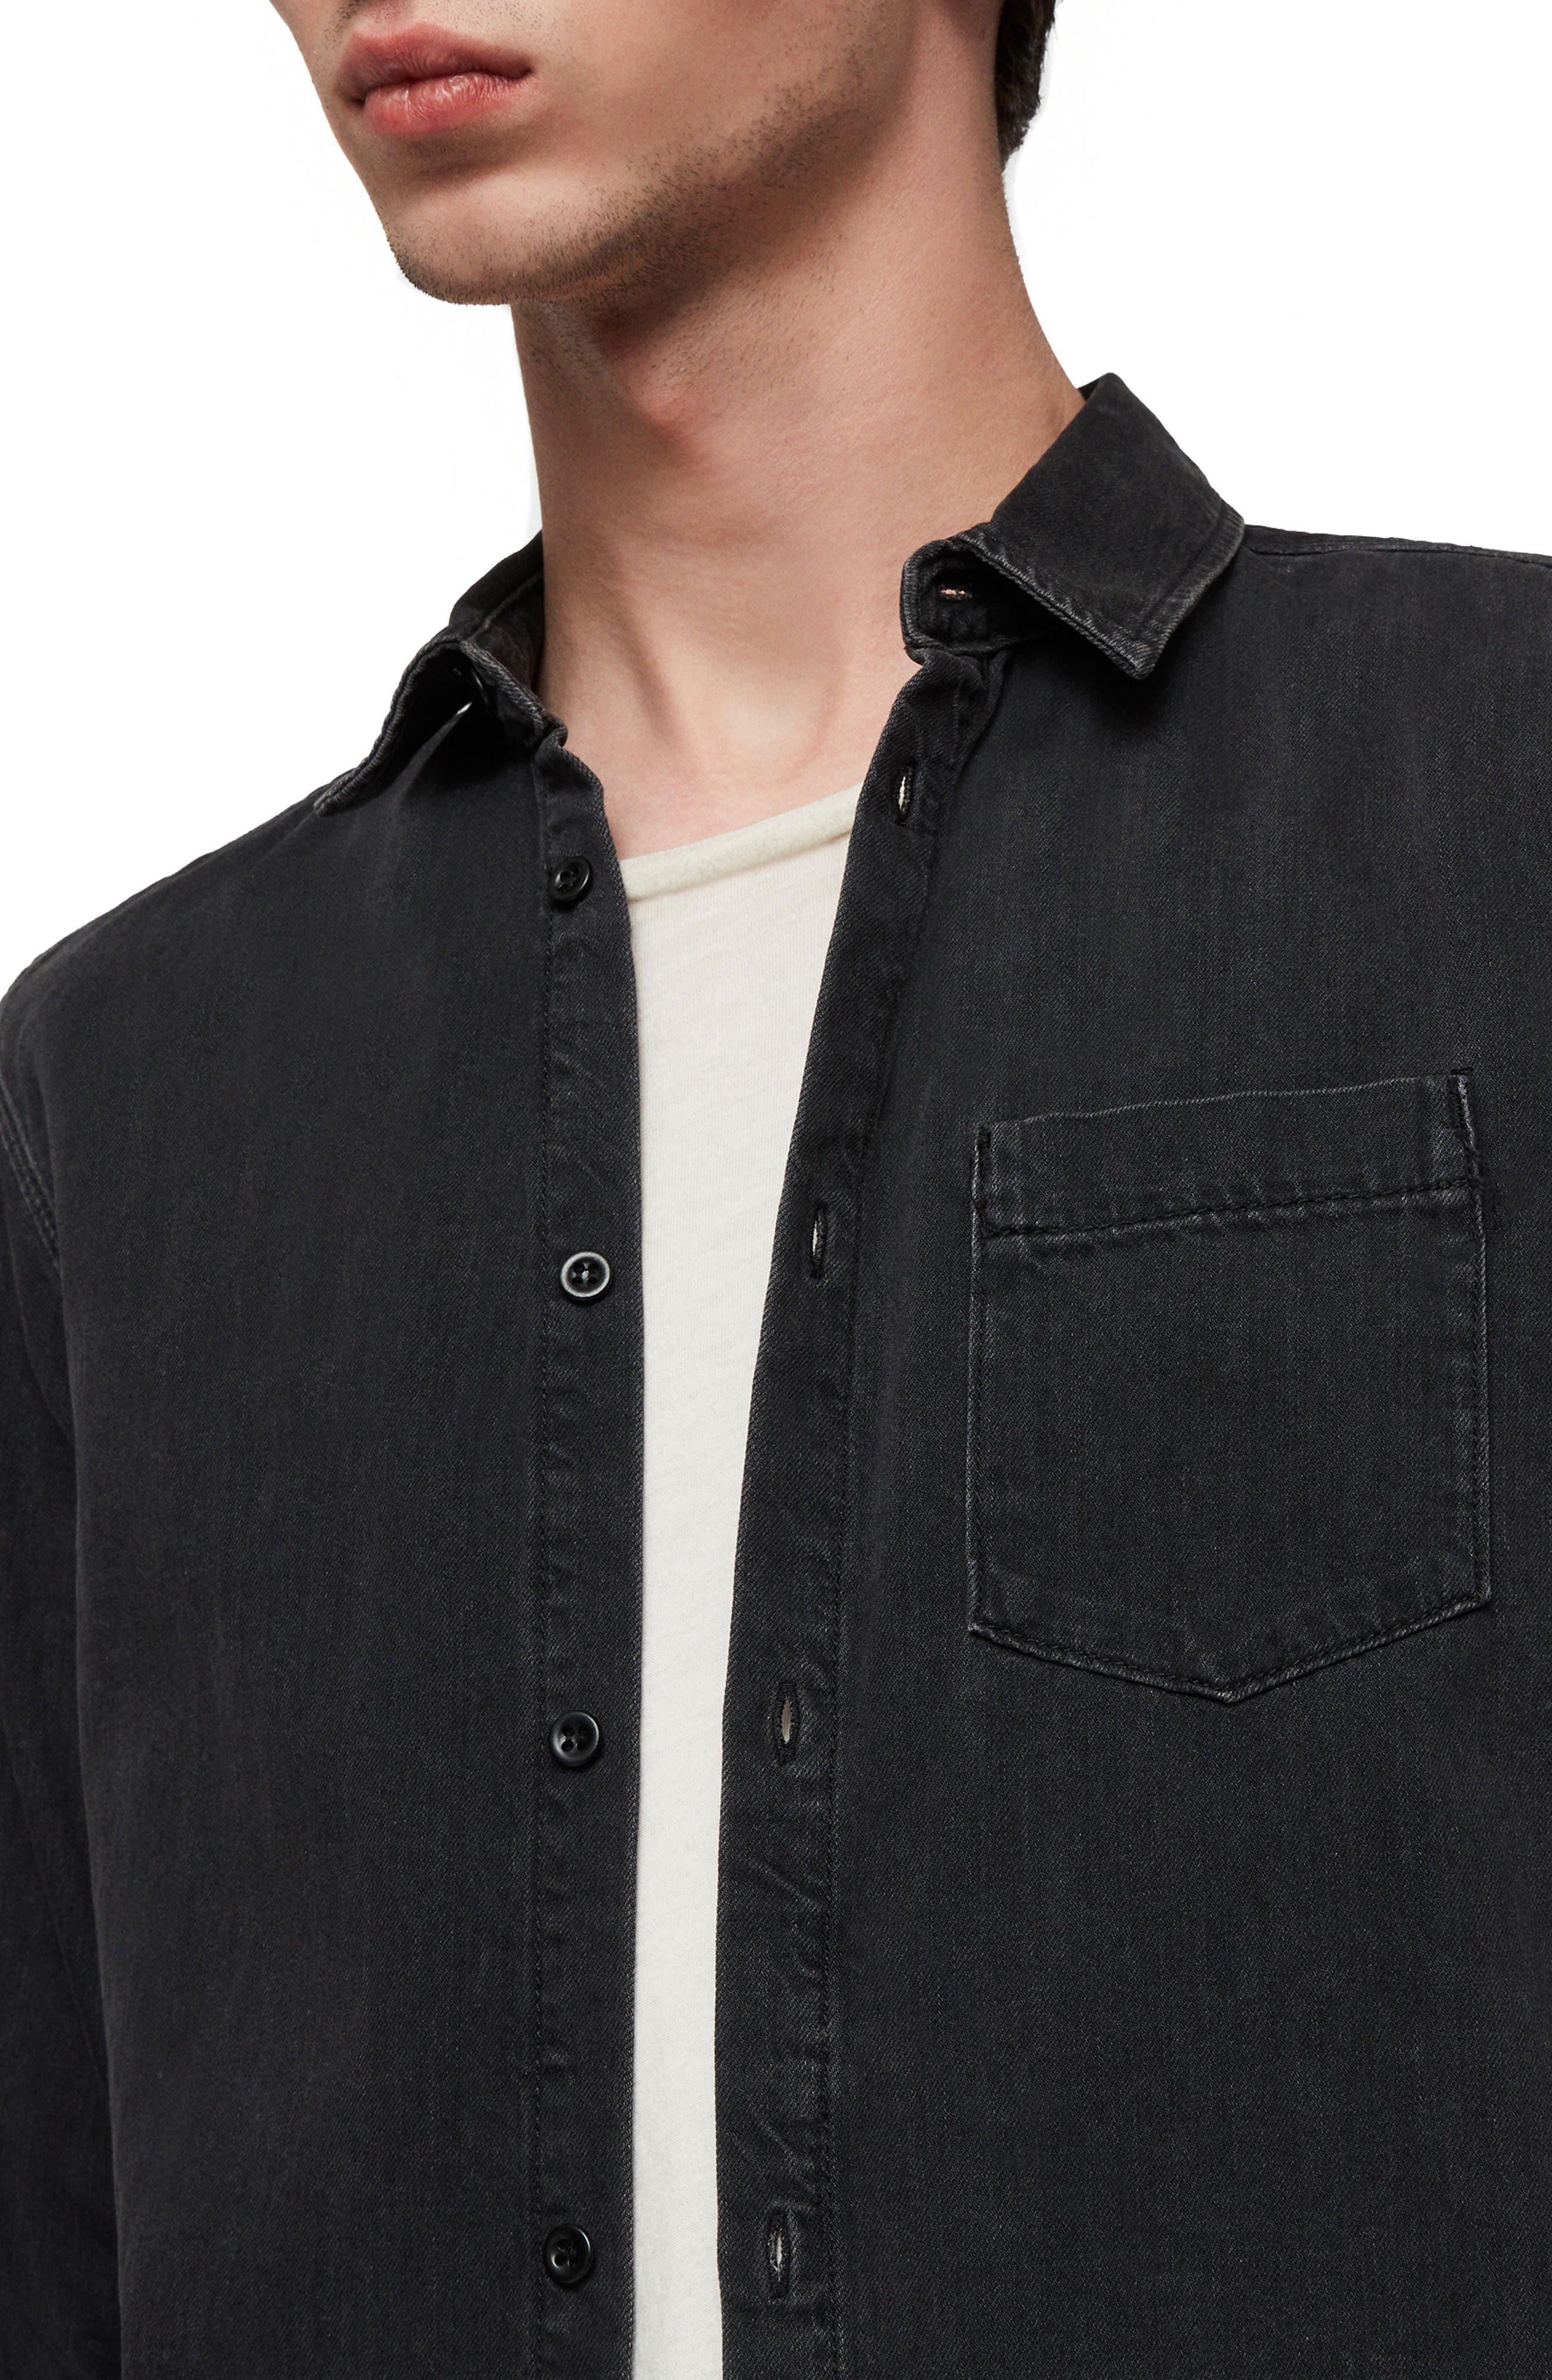 Brenner Denim Slim Fit Sport Shirt,                             Alternate thumbnail 2, color,                             BLACK